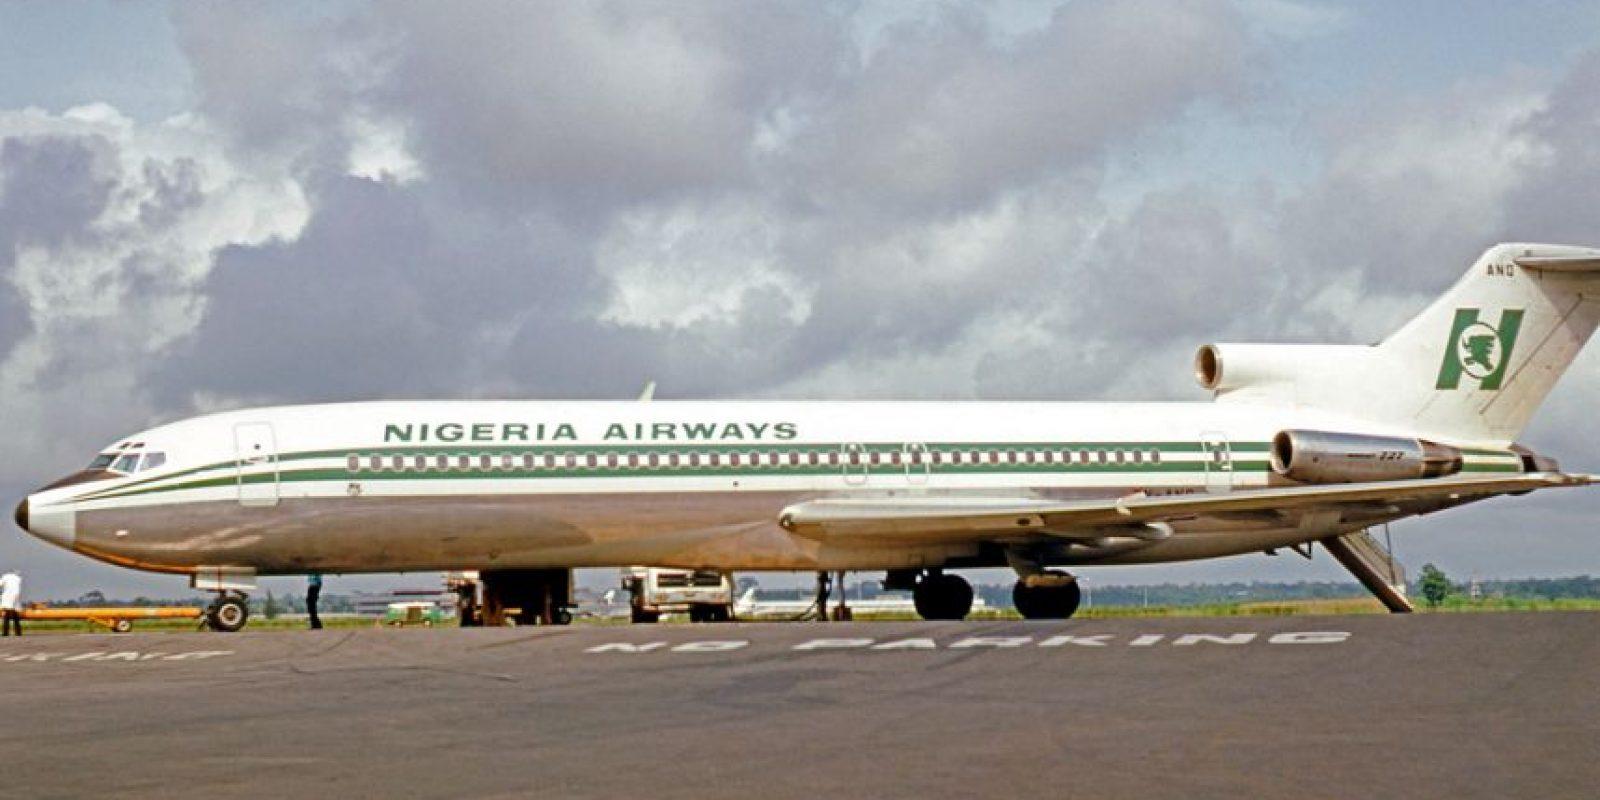 11 de julio – El vuelo 2120 de Nigeria Airways se estrella después de despegar. Mueren 261 personas, siendo una de las peores tragedias aéreas de la historia Foto:Wikipedia